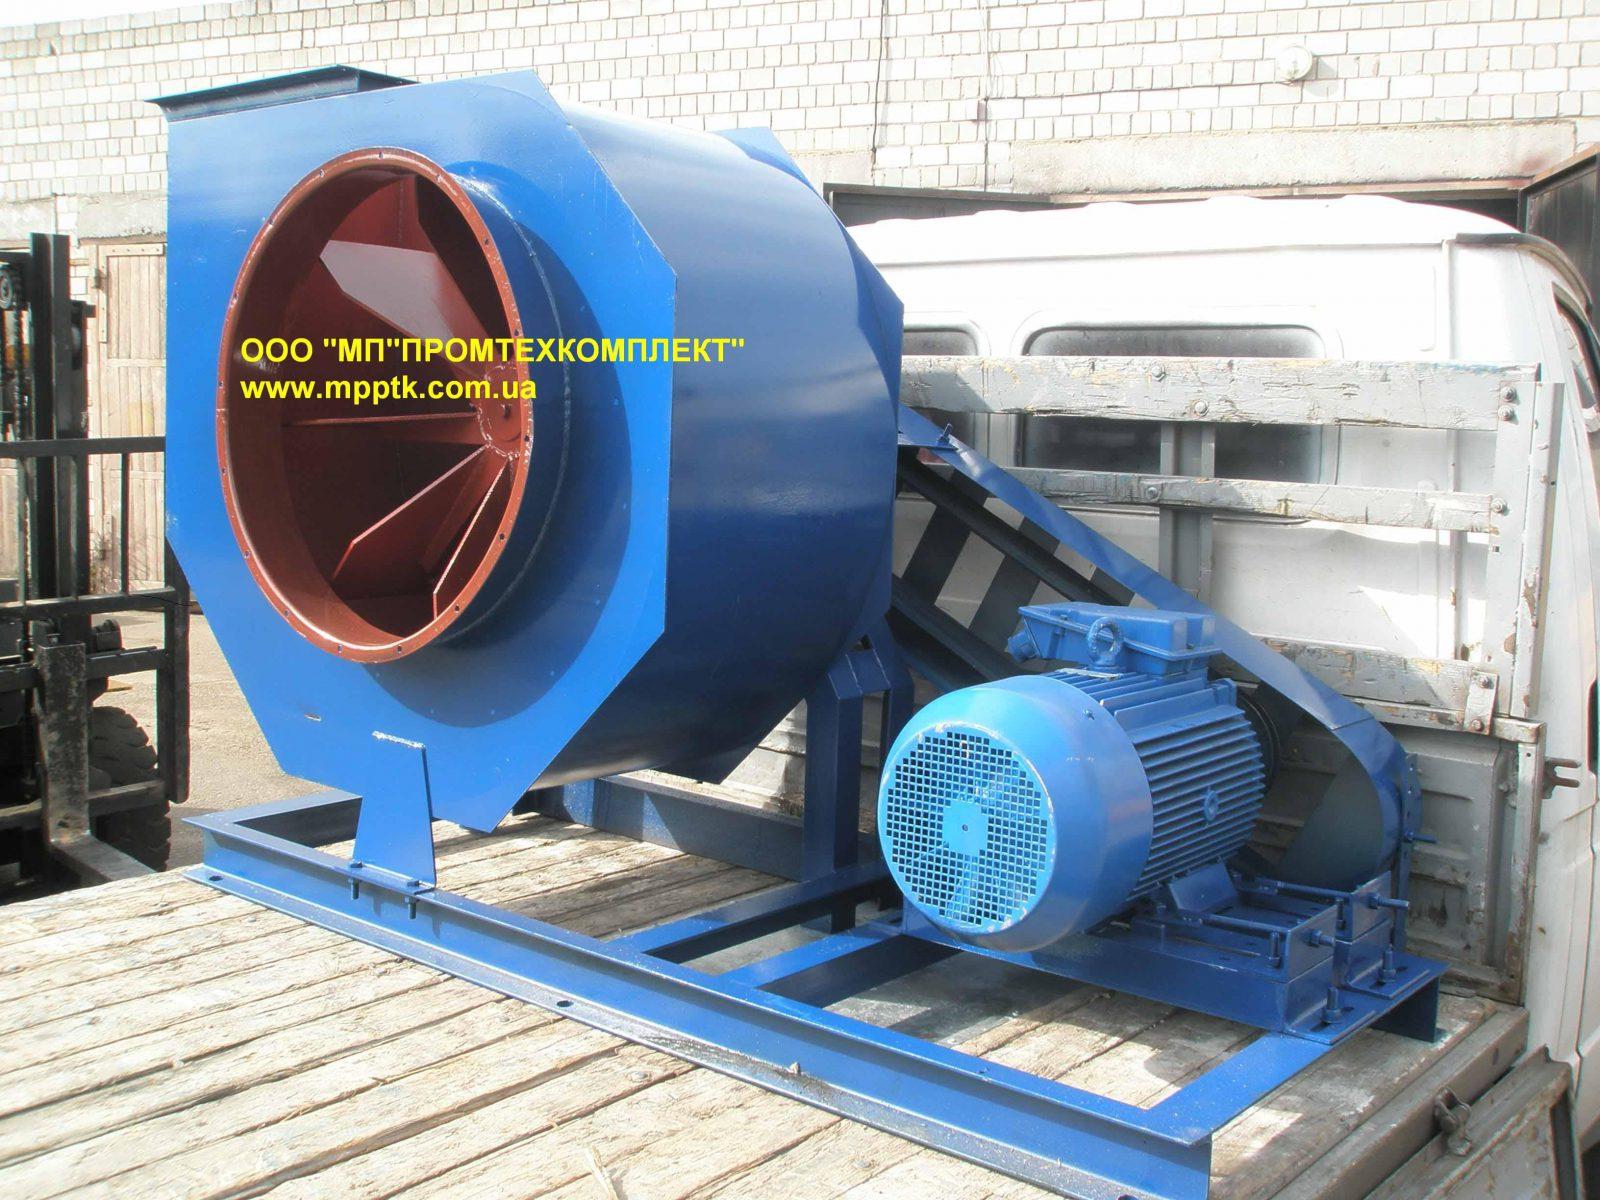 Вентилятор купить недорого изготовление низкая цена продажа доставка Украина